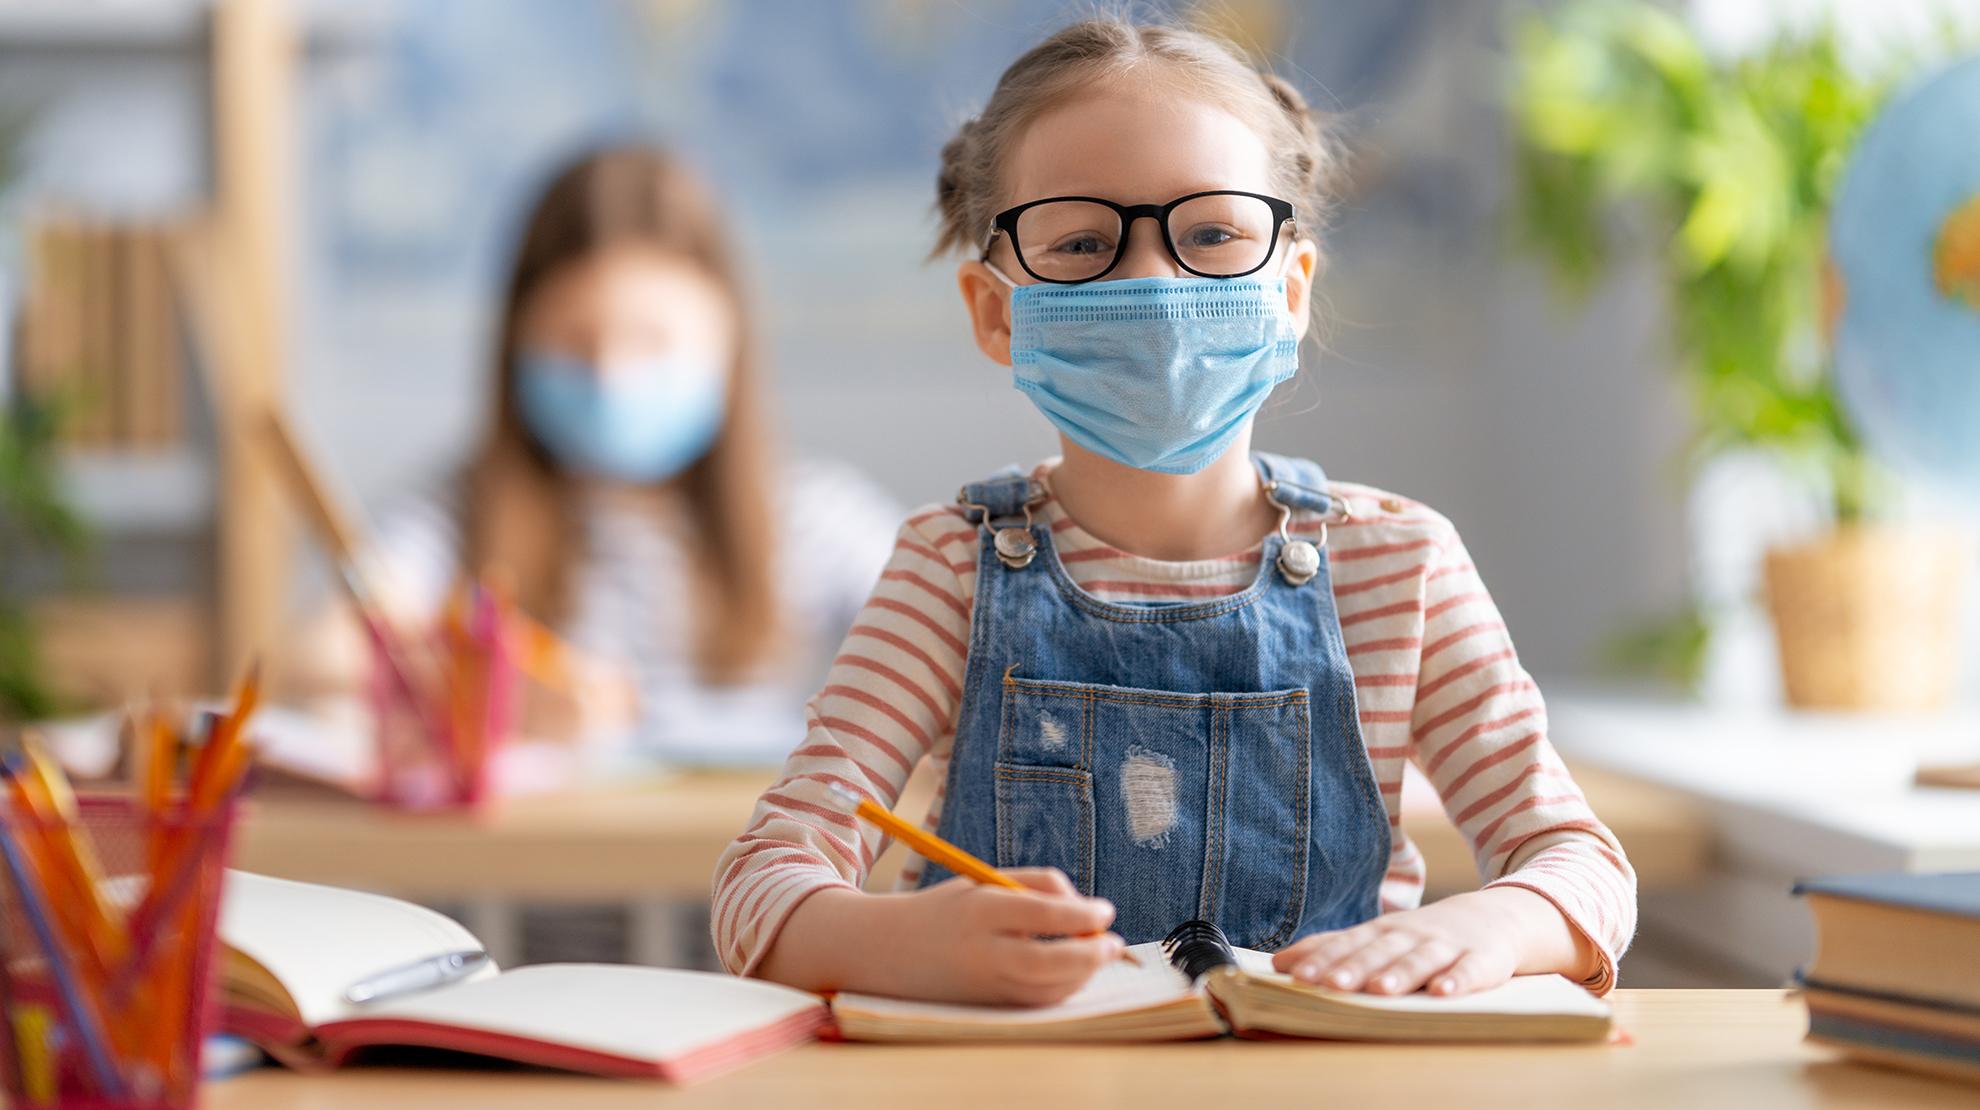 Pedagóguskar: méltányosan kell elbírálni a gyerekek teljesítményét